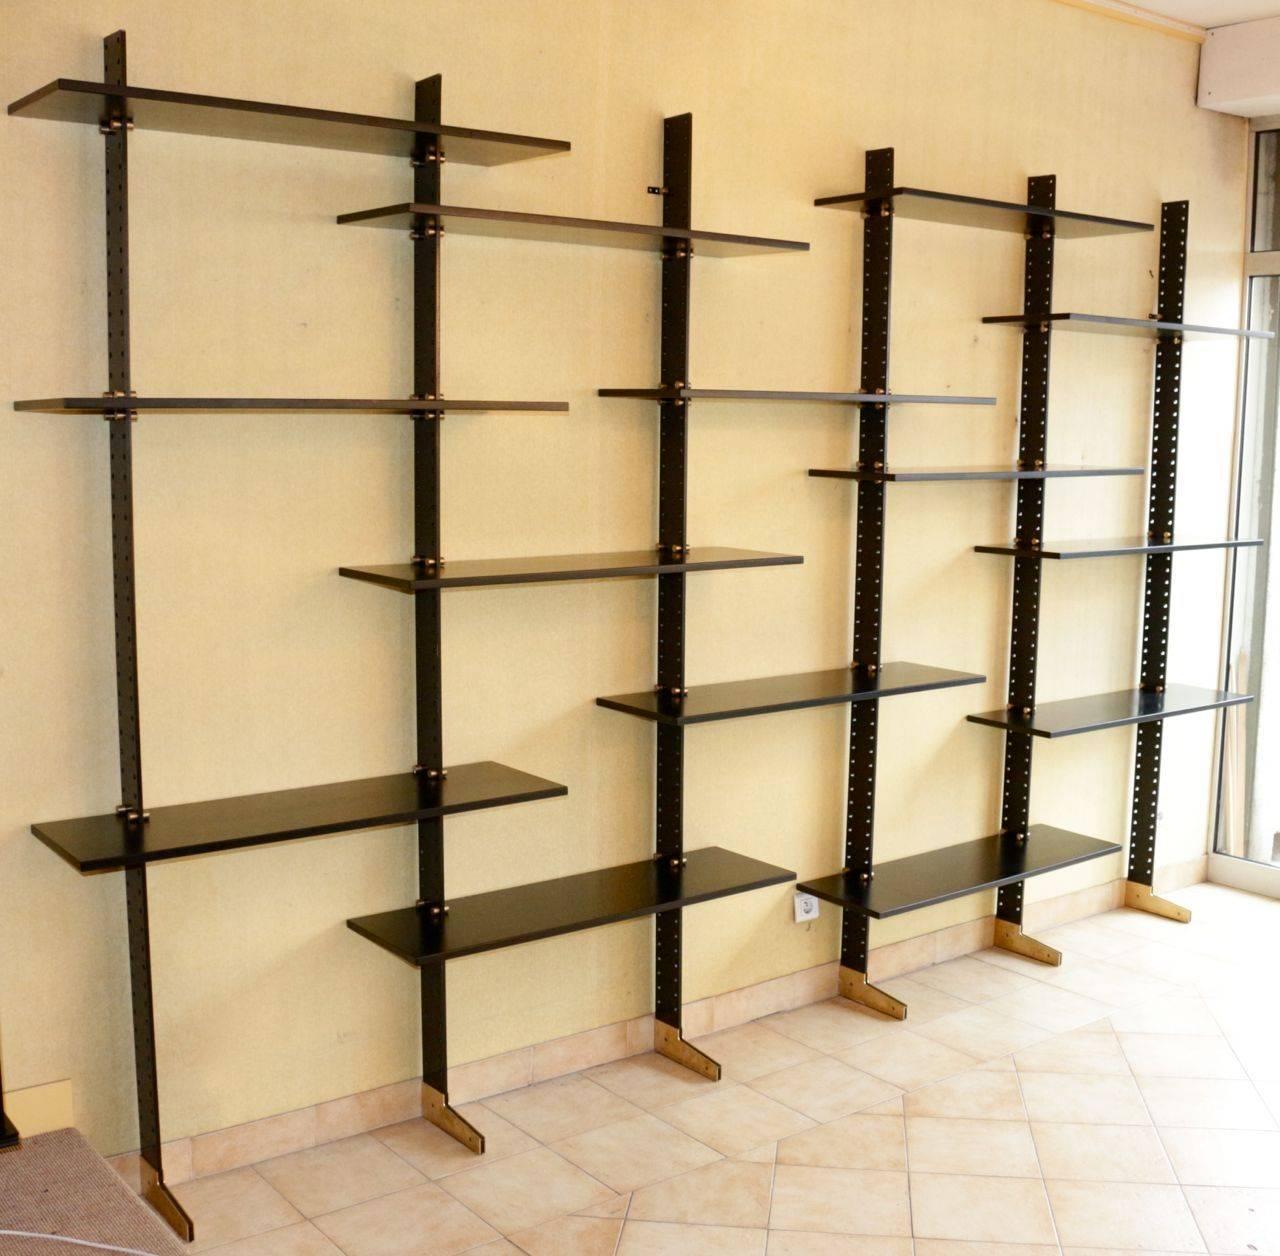 Grande biblioth que etag re lb2 by ignazio gardella - Castorama bibliotheque etagere ...